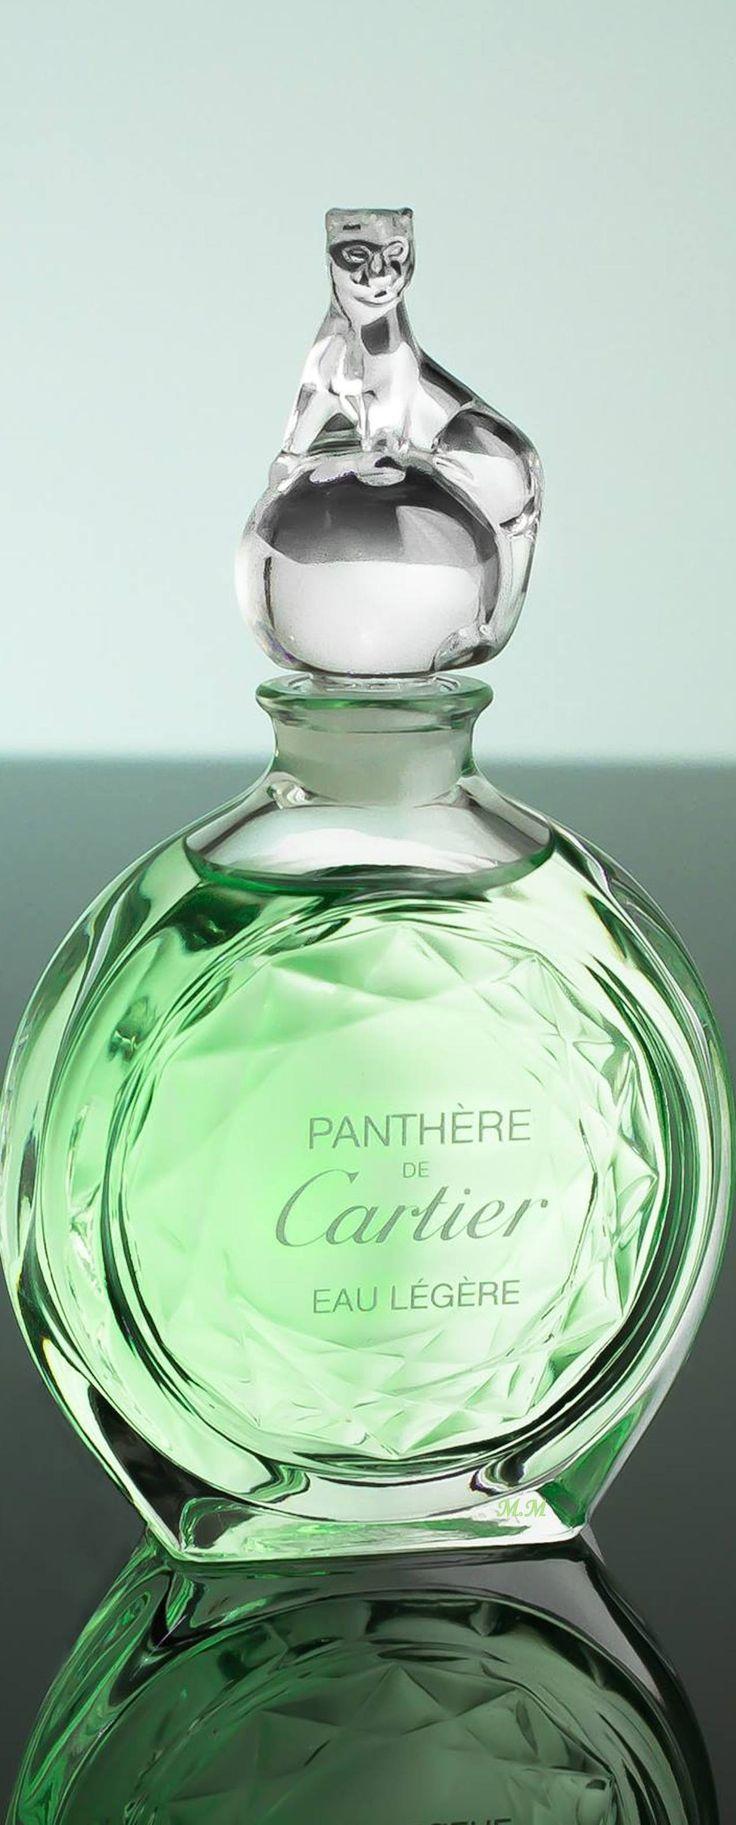 Panthère de Cartier, bouchon en forme de panthère, parfum femme